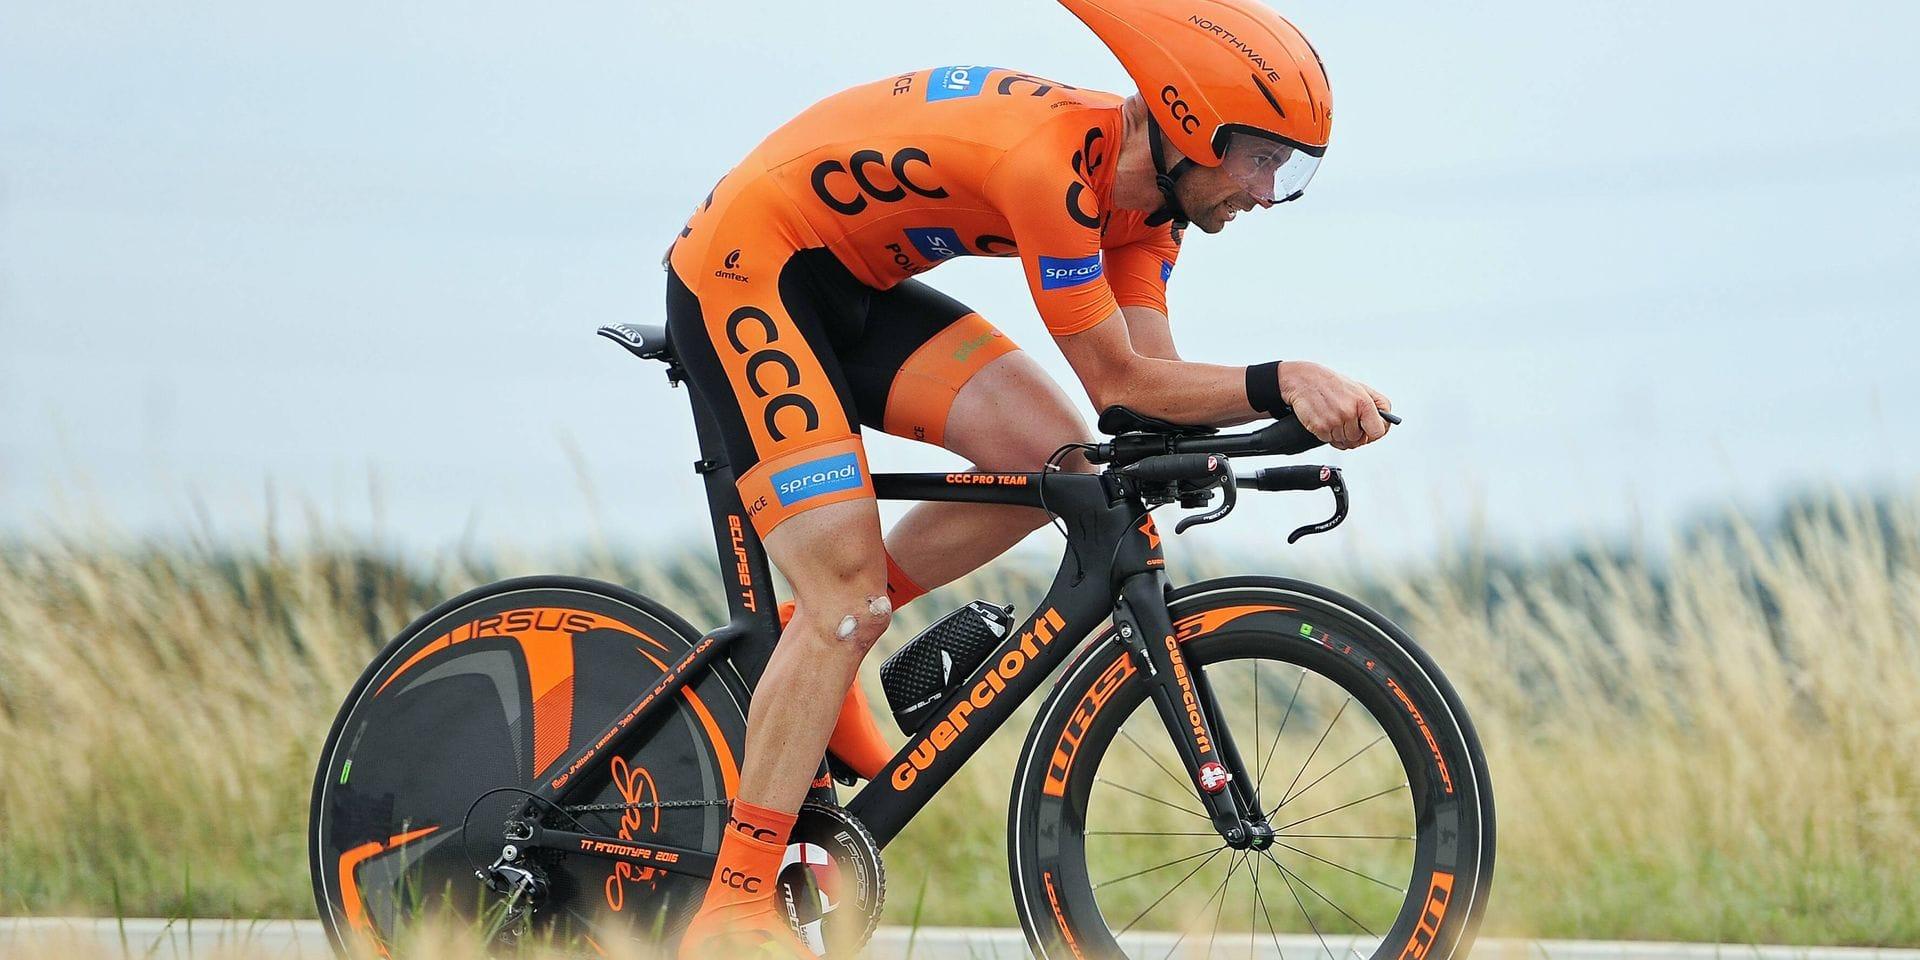 Stefan Schumacher qualifié pour l'Ironman d'Hawaï !